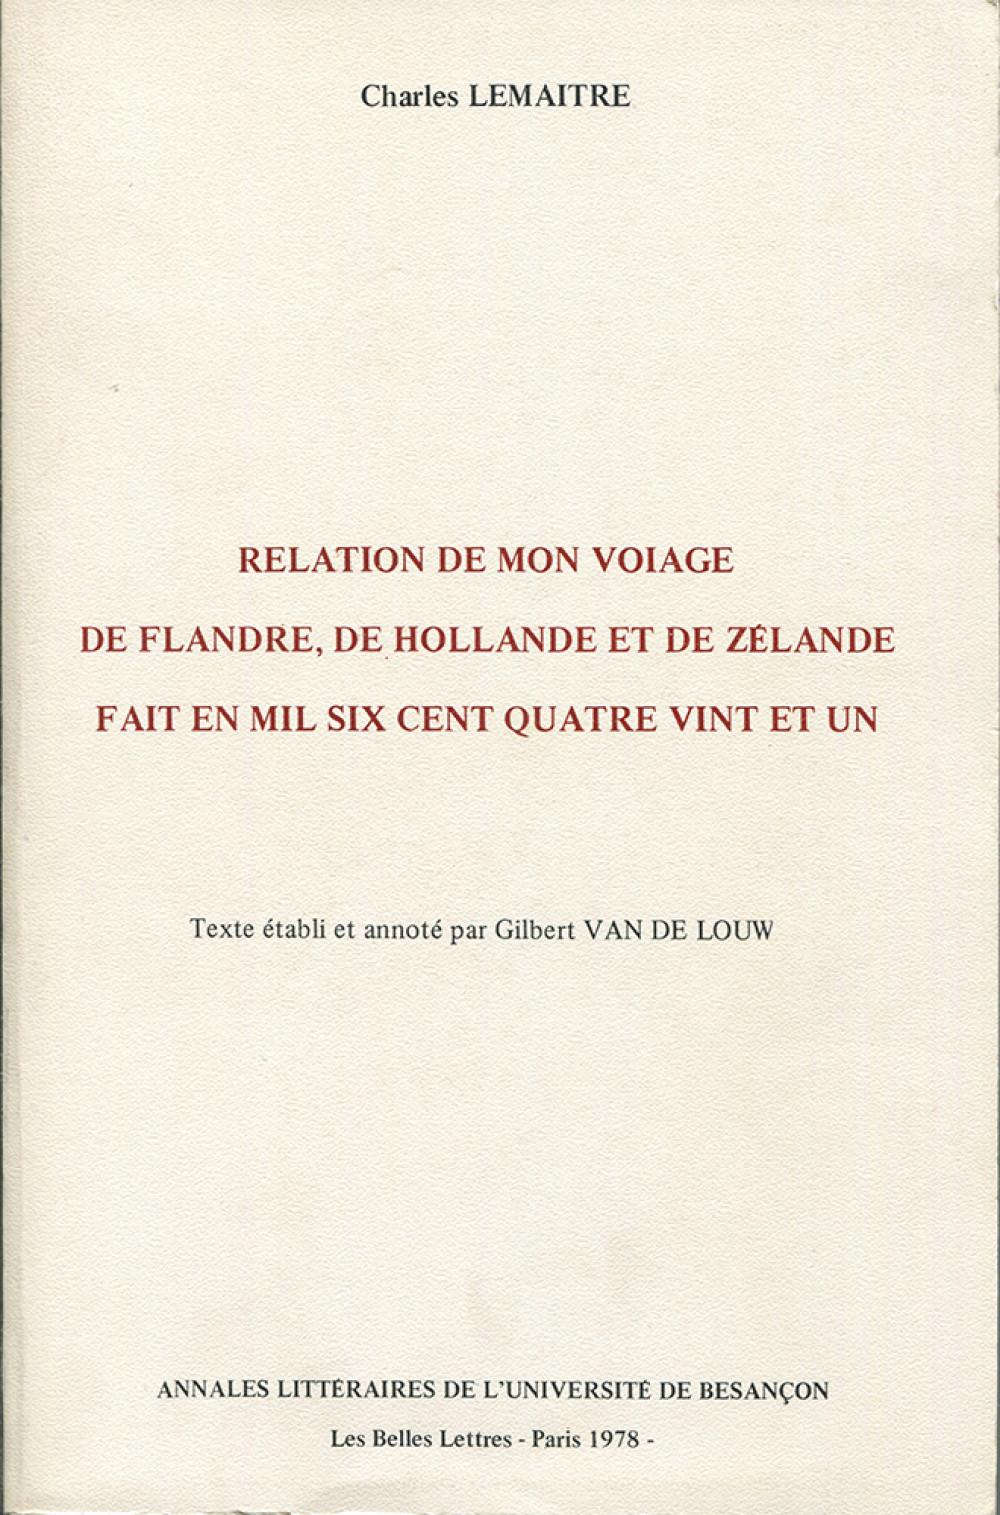 Relation de mon voiage de Flandre, de Hollande et de Zélande fait en mil six cent quatre vingt et un